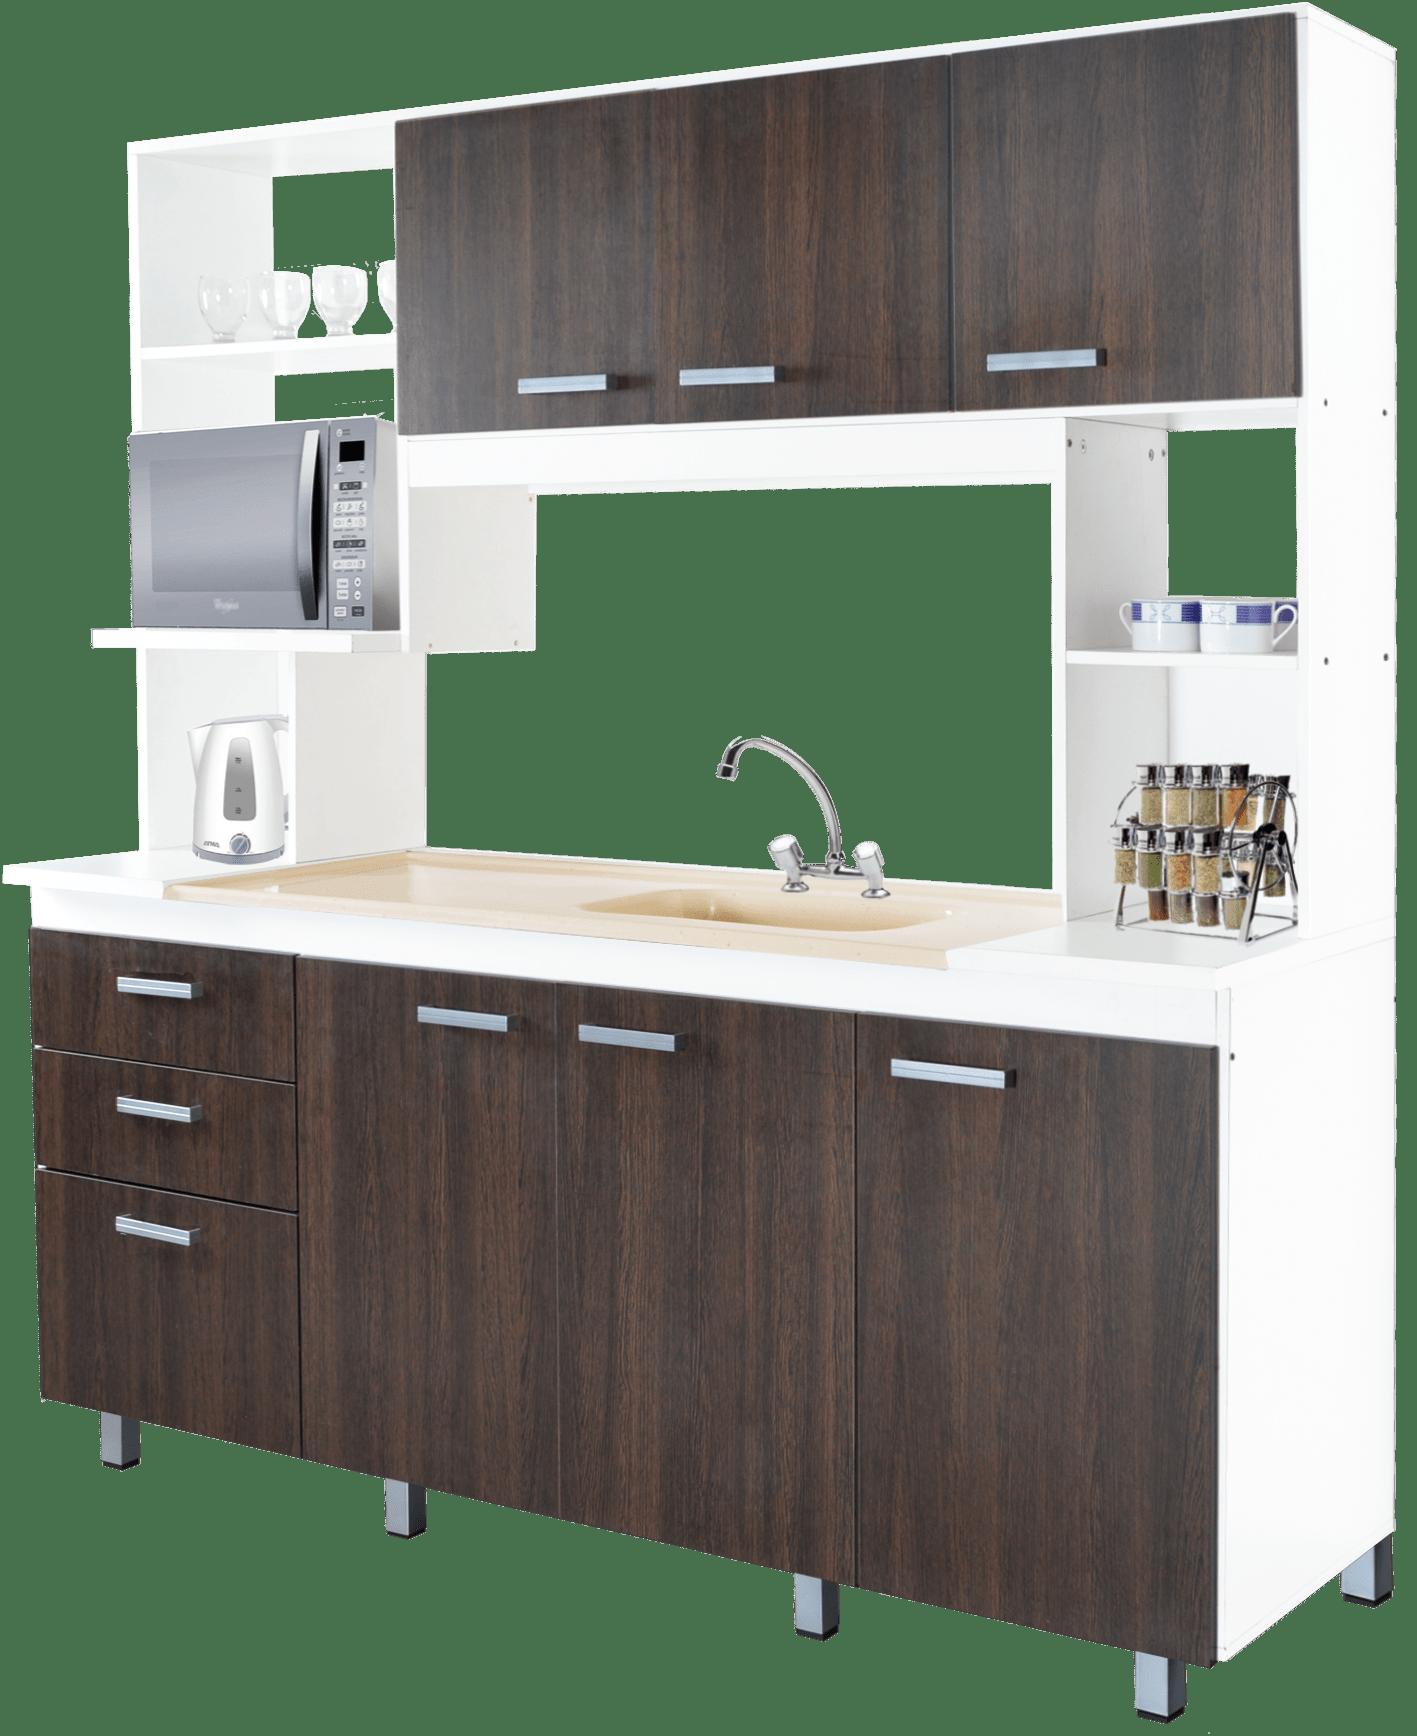 Best Muebles De Cocina En Vigo Gallery - Casas: Ideas & diseños ...